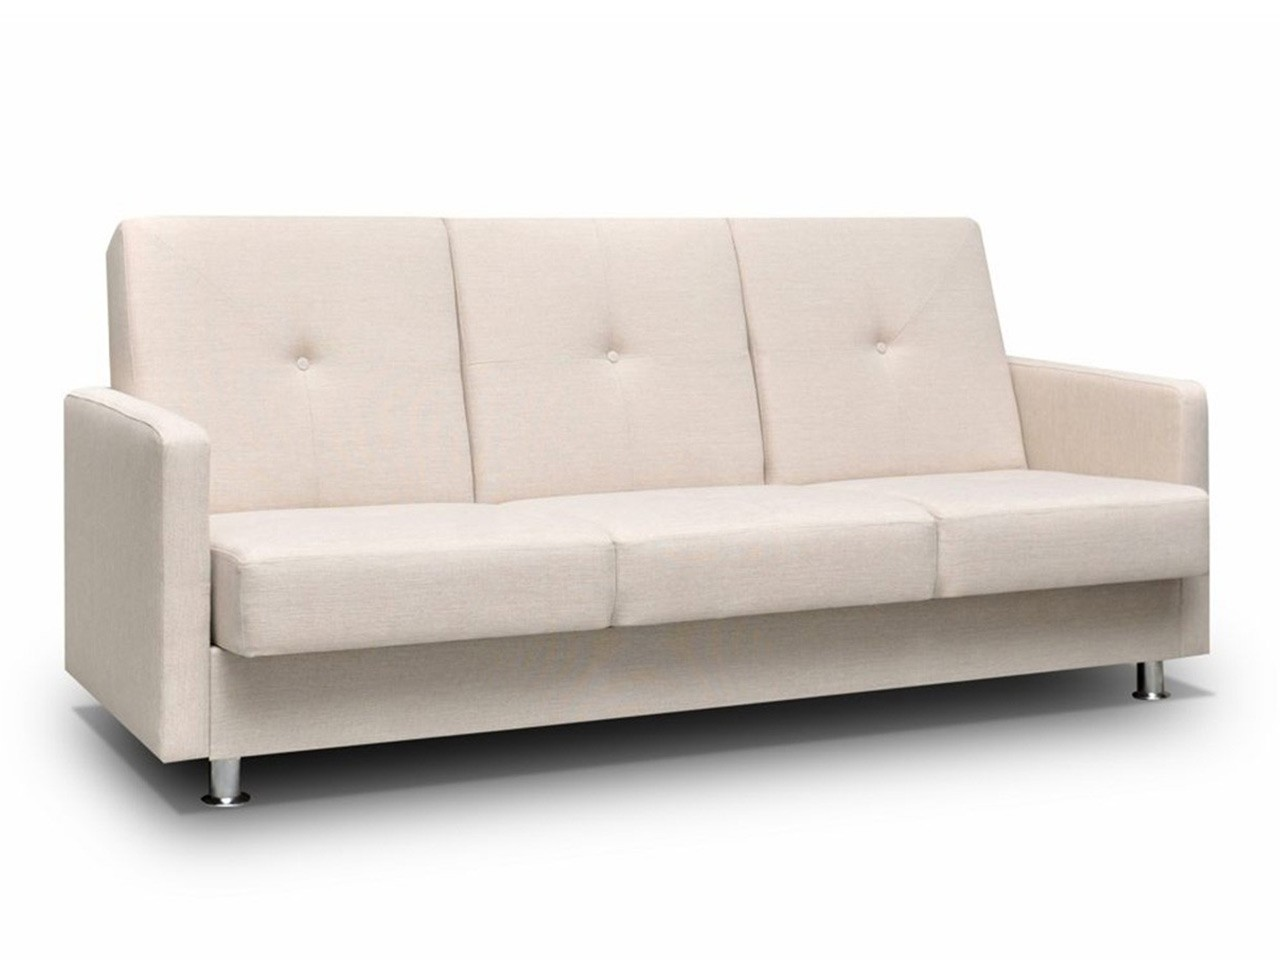 sofa retro mit bettkasten mirjan24. Black Bedroom Furniture Sets. Home Design Ideas